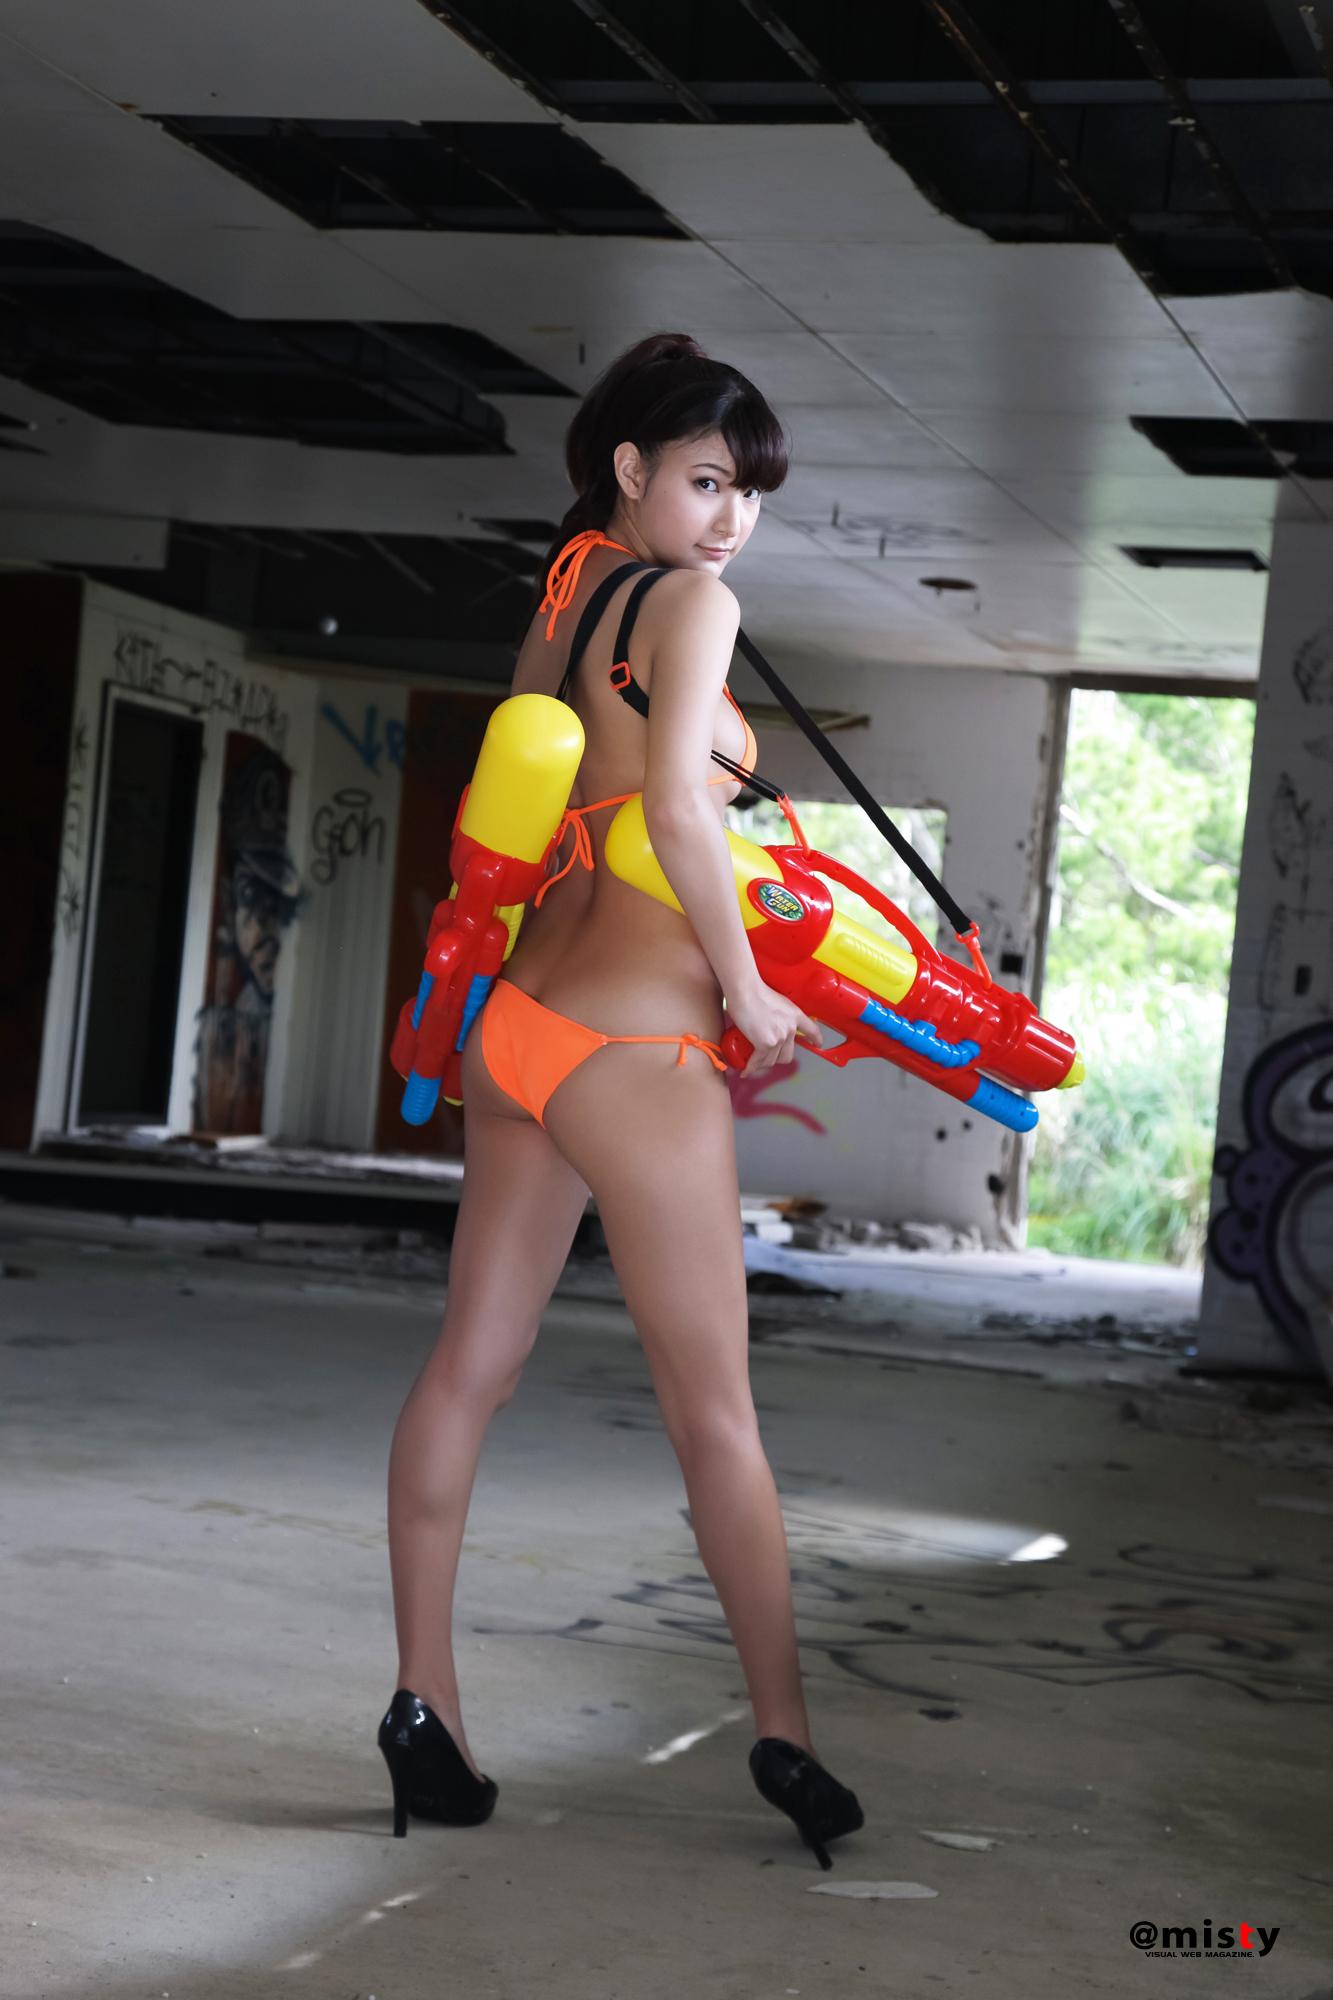 image http://scanlover.com/assets/images/272-AA5wkcxzzvNEmPLJ.jpeg